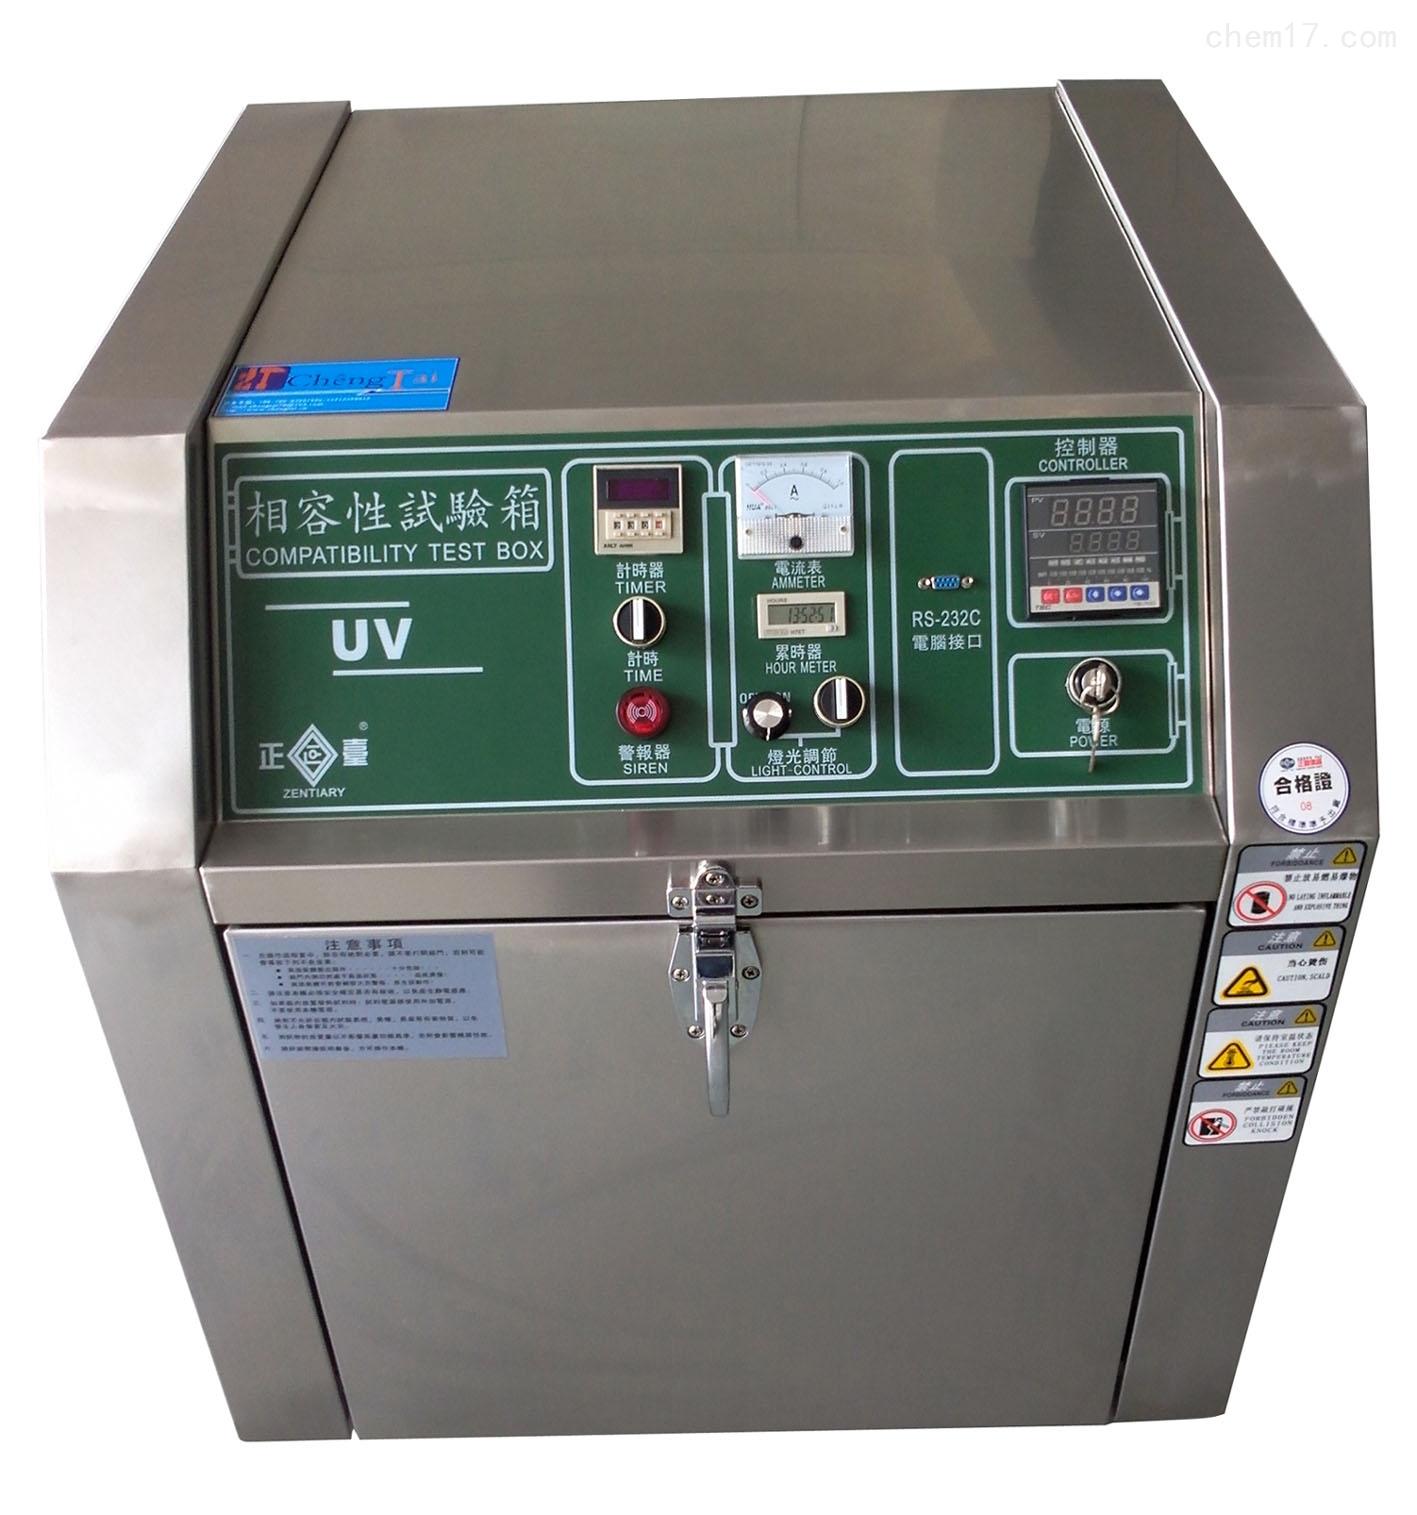 硅酮胶测试仪器